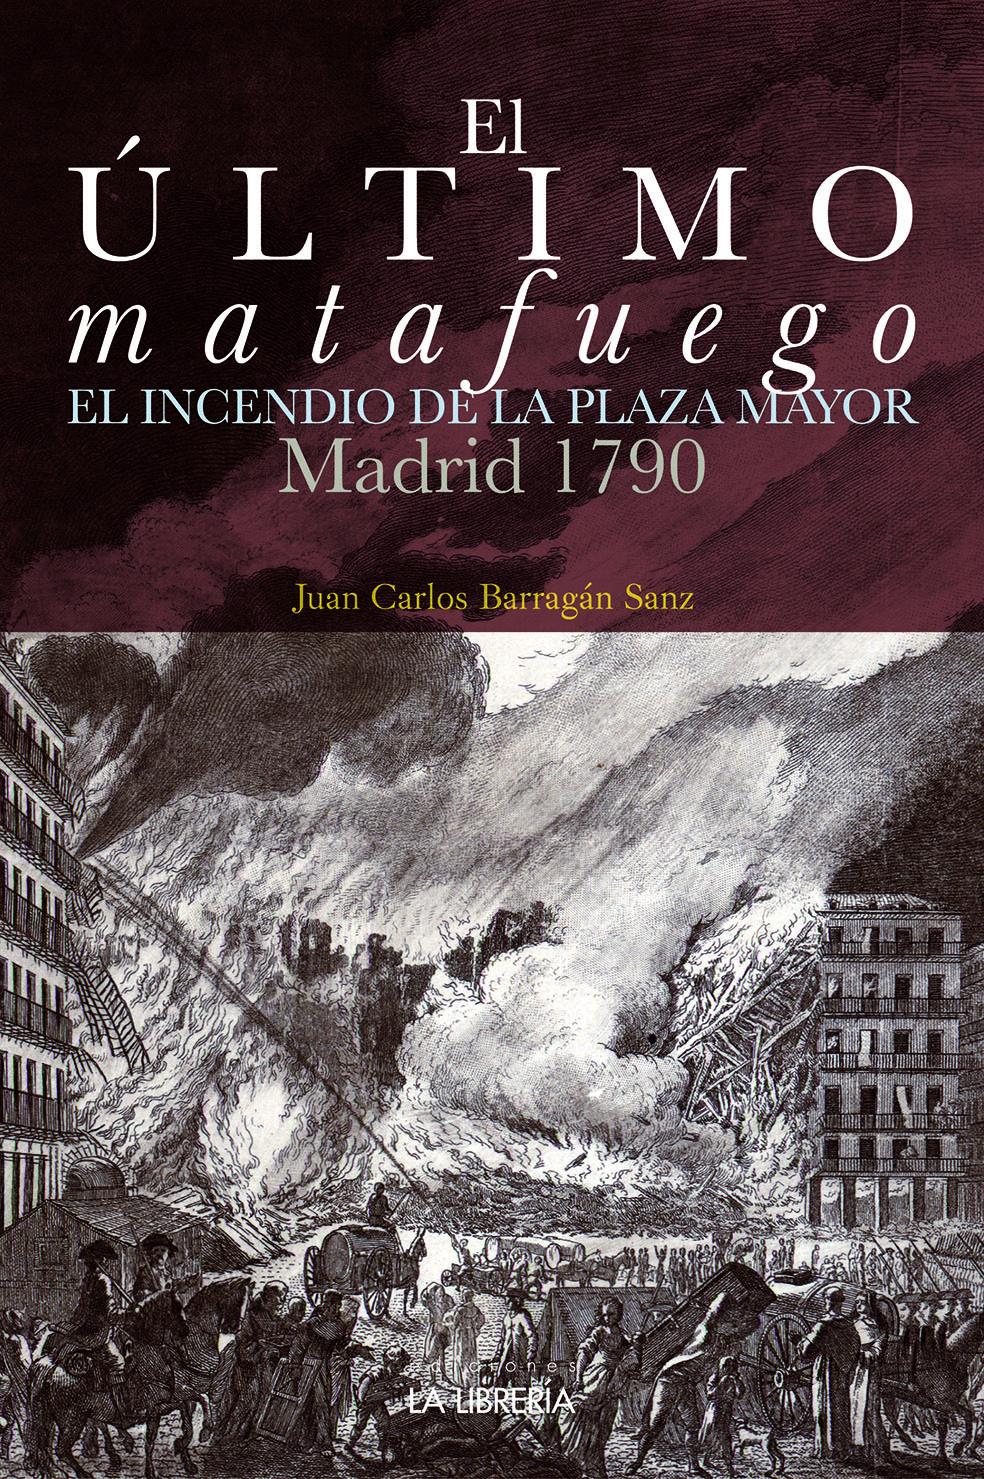 El último matafuego. Madrid